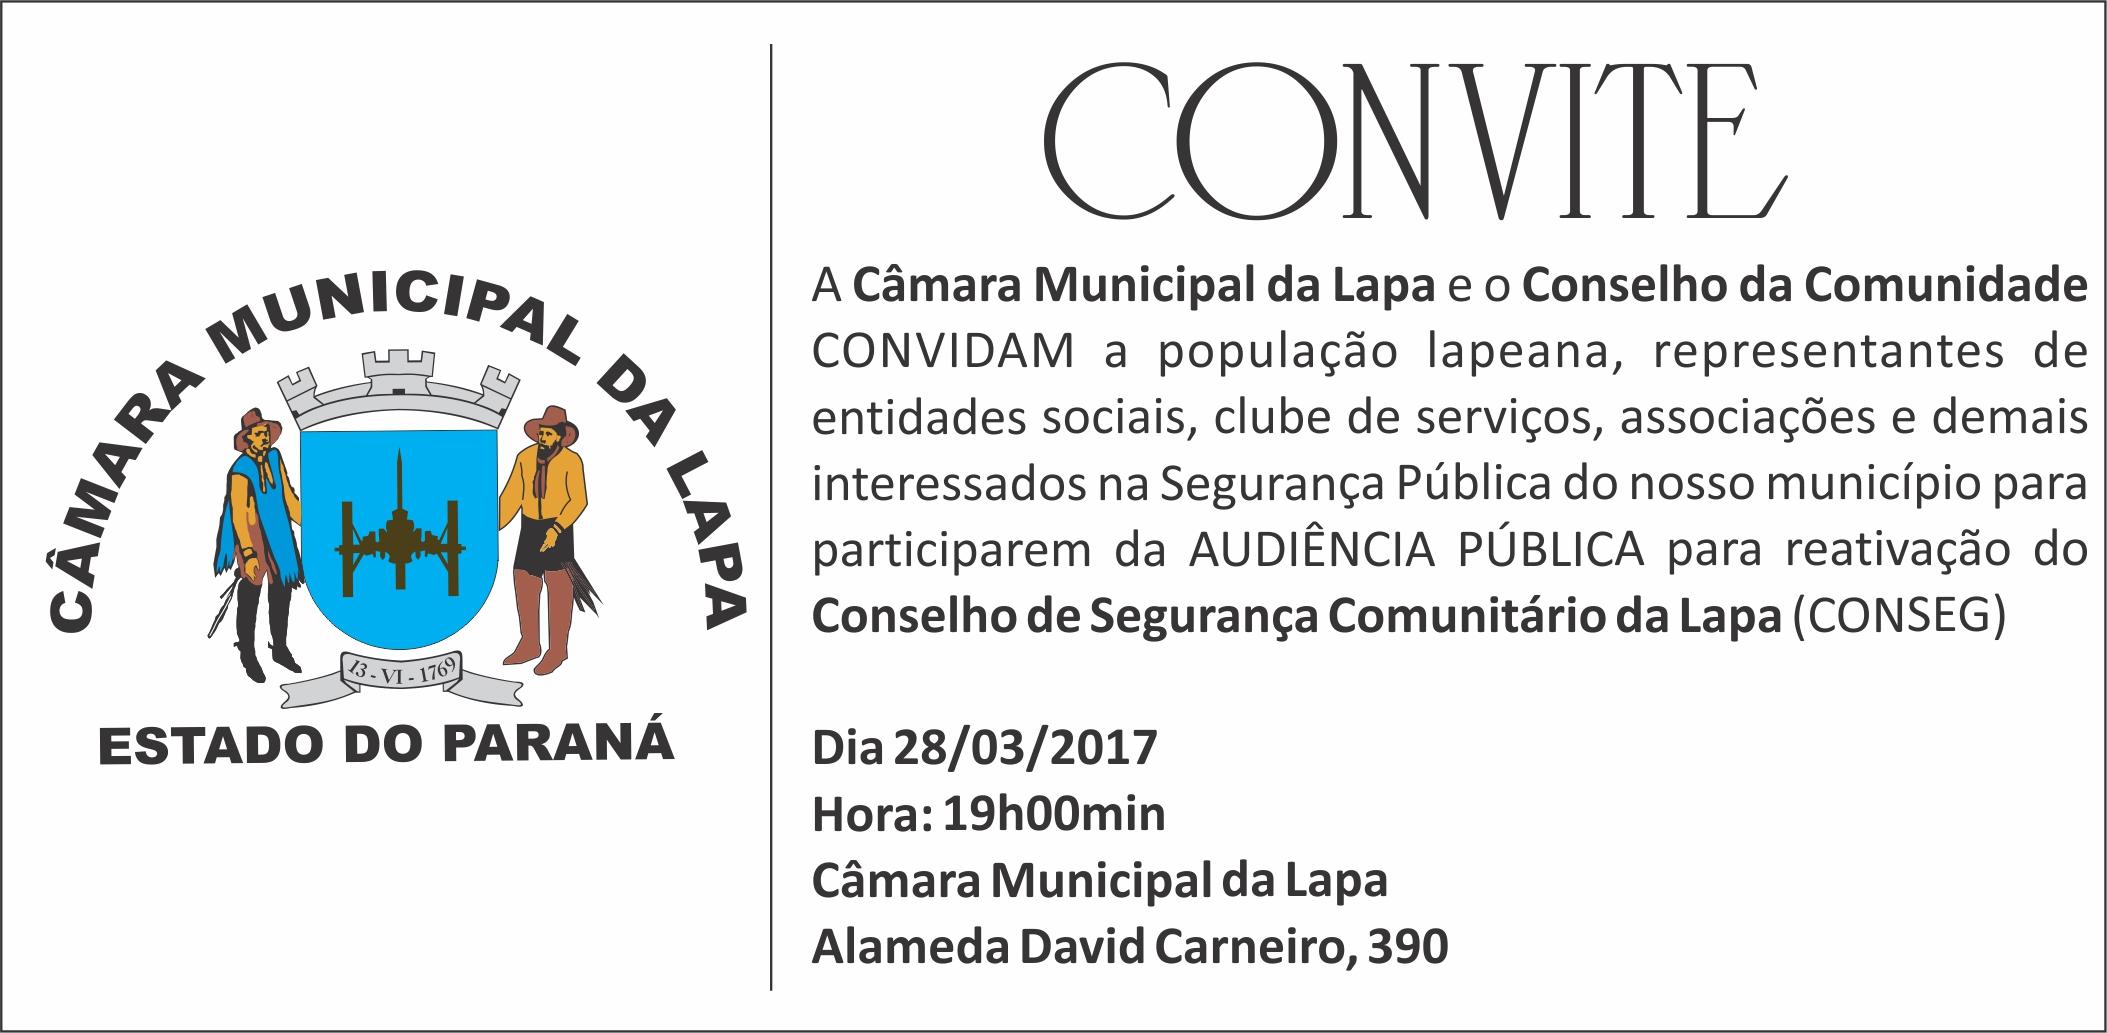 Câmara da Lapa discutirá reativação do Conseg